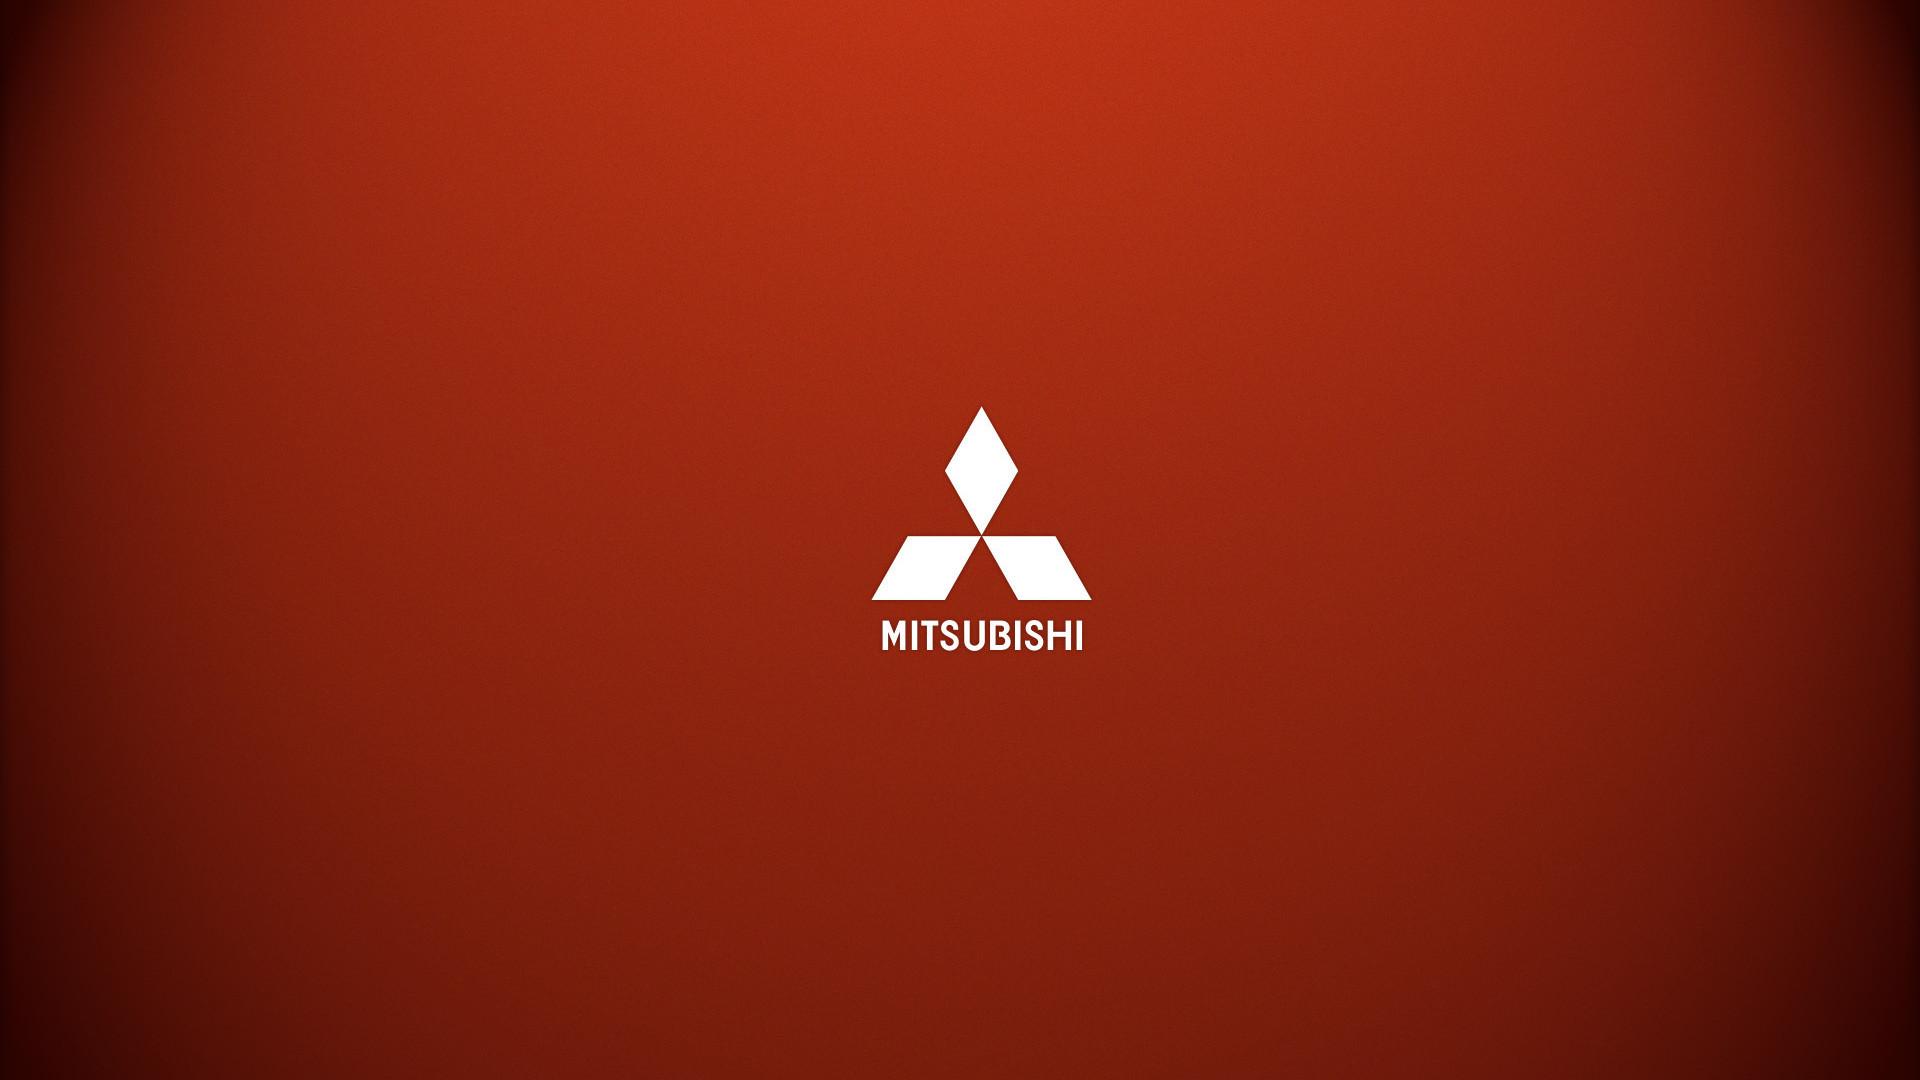 mitsubishi logo wallpaper 61 images